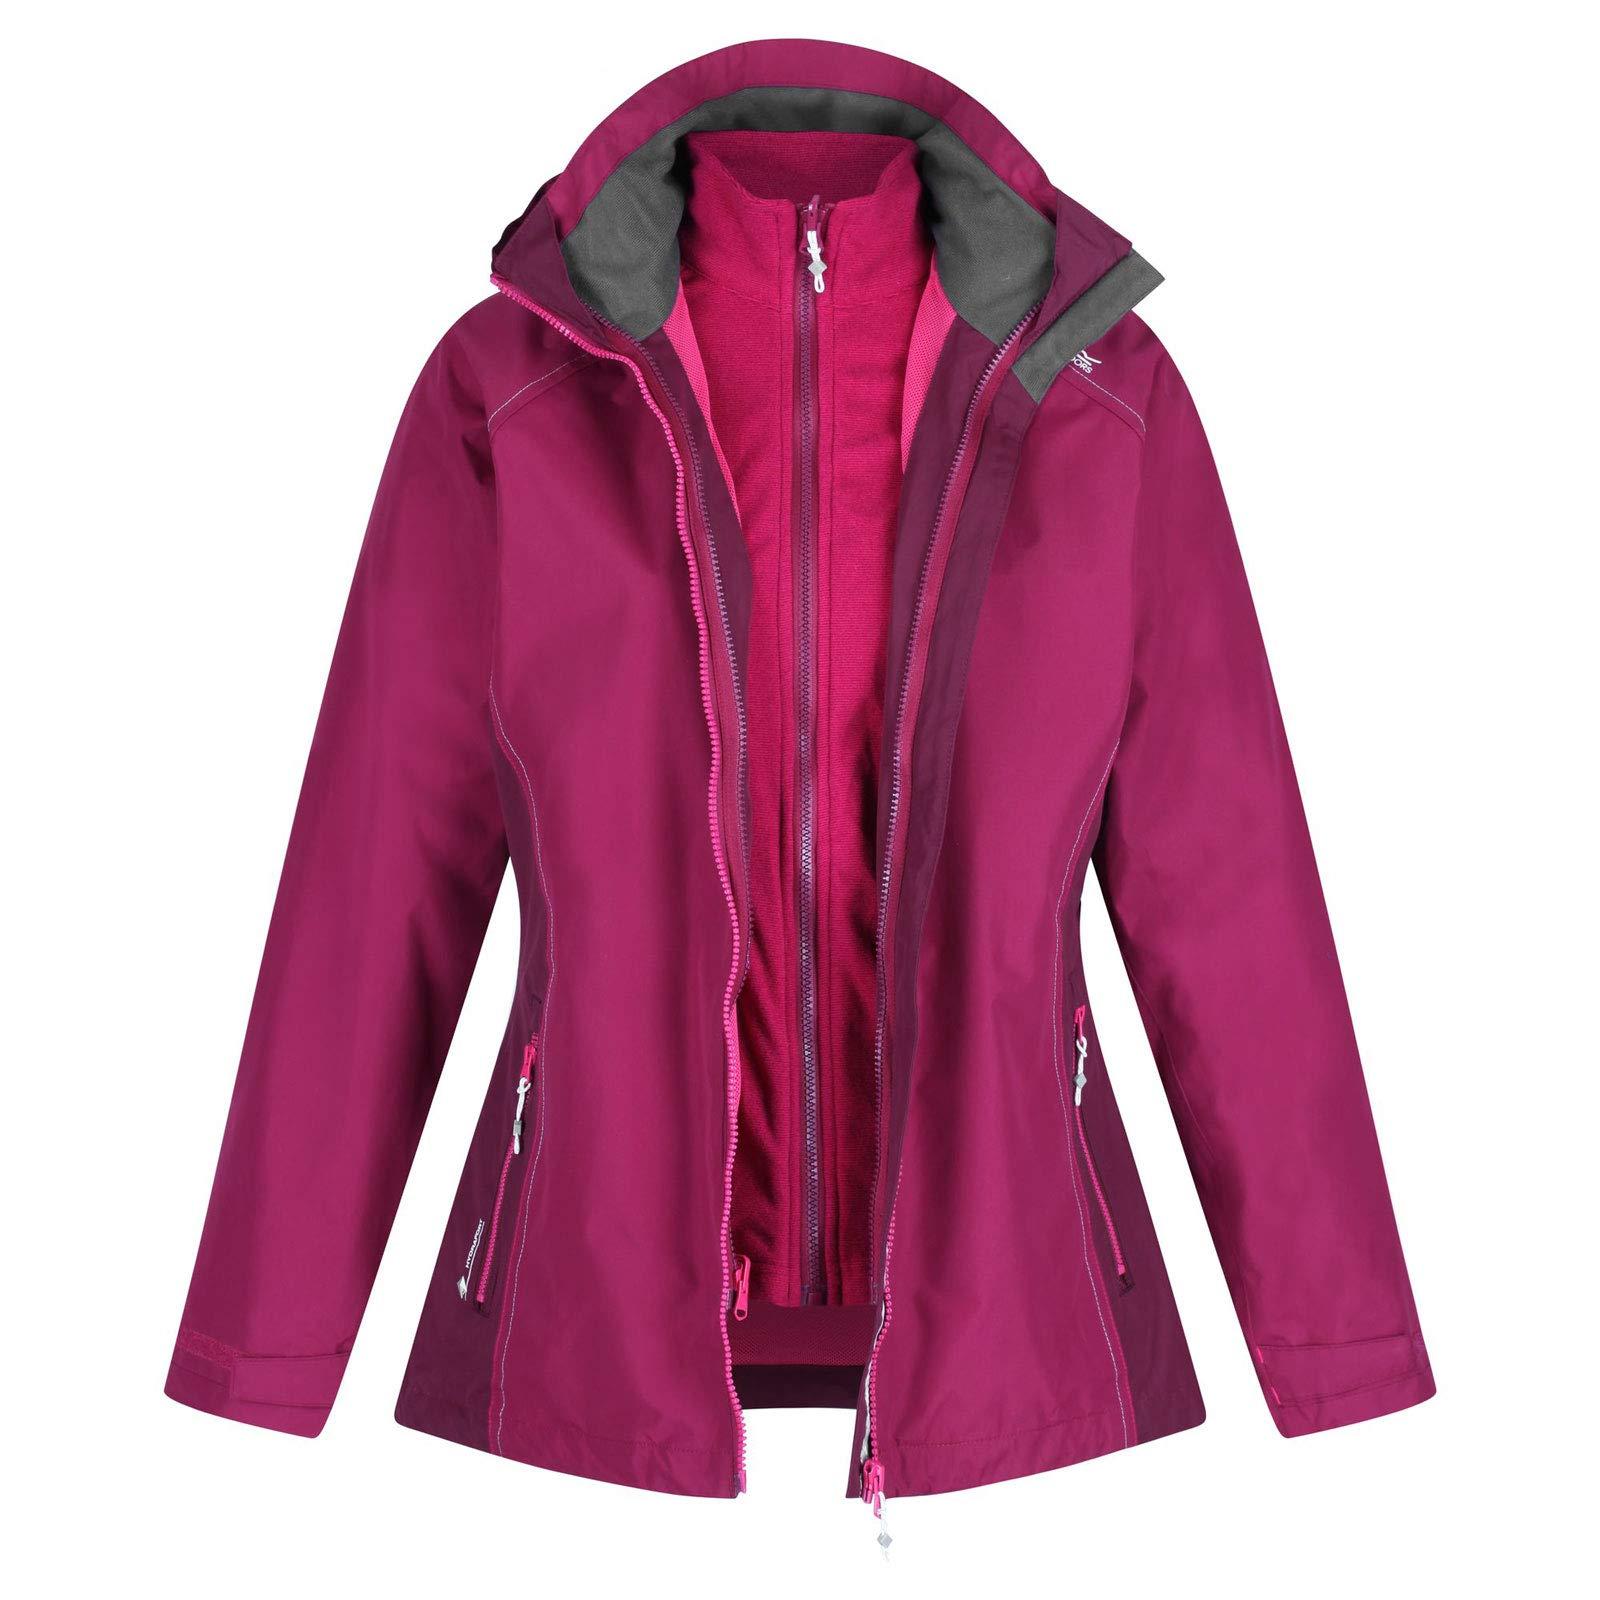 Regatta Damen Premilla Ii 3 in 1 Waterproof with Zip-Out Fleece Jacke